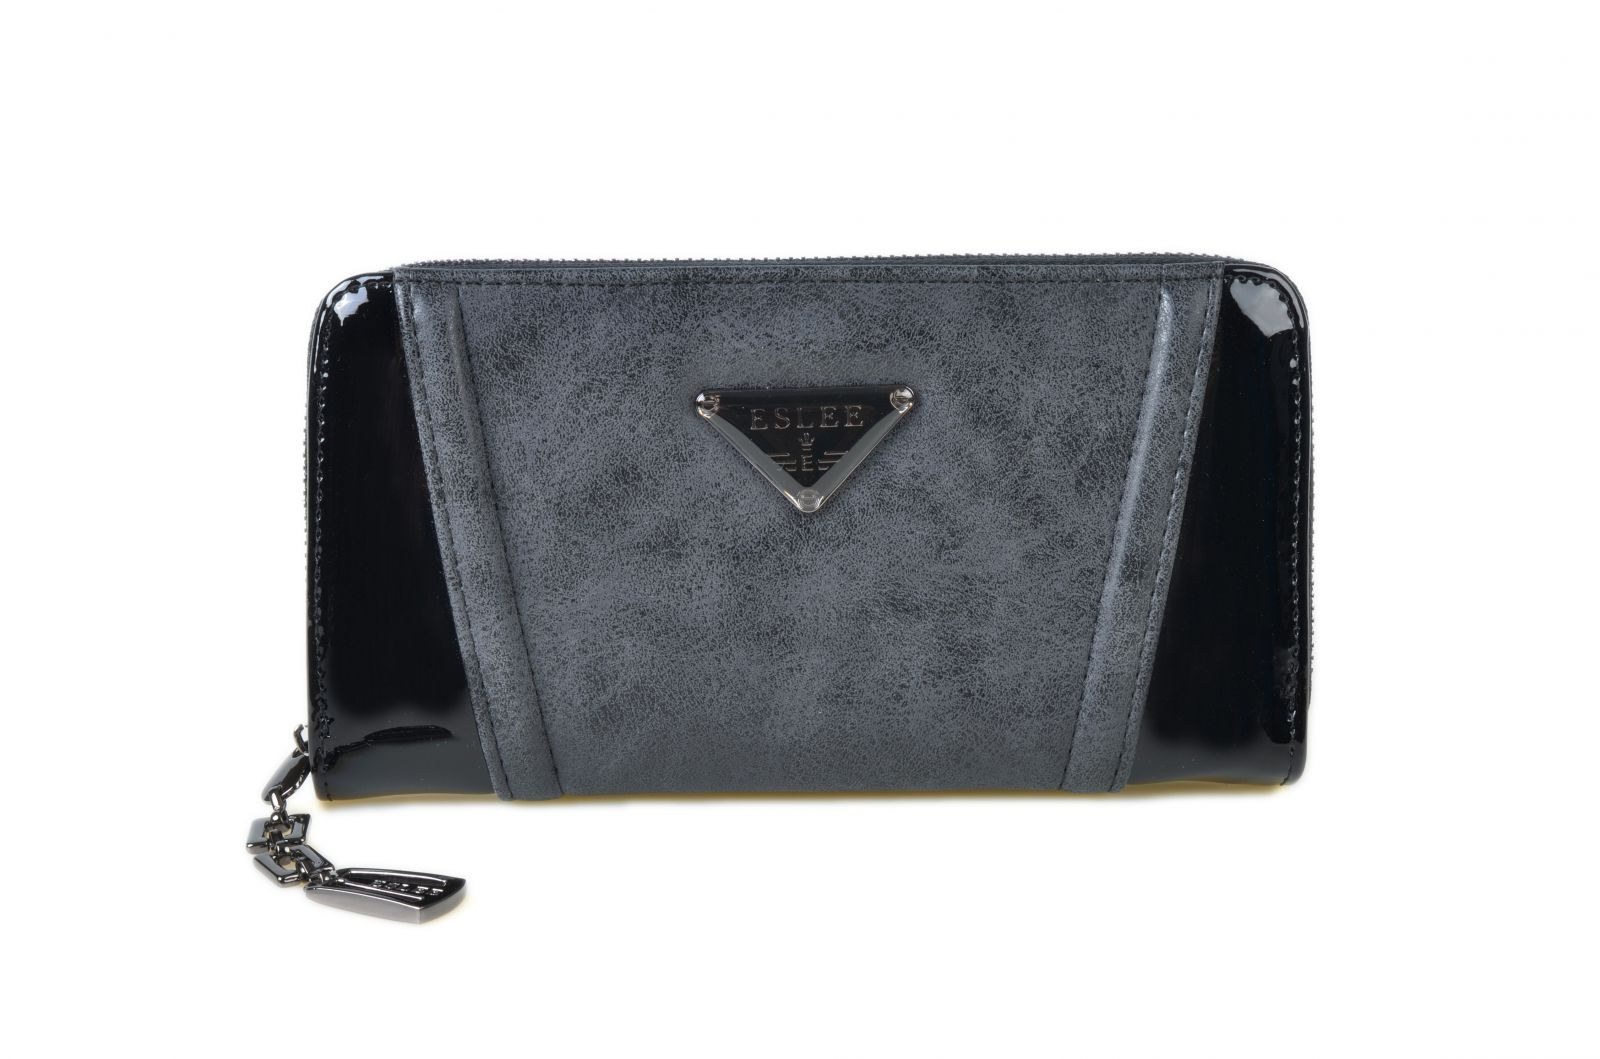 Dámská peněženka ESLEE 6656 black